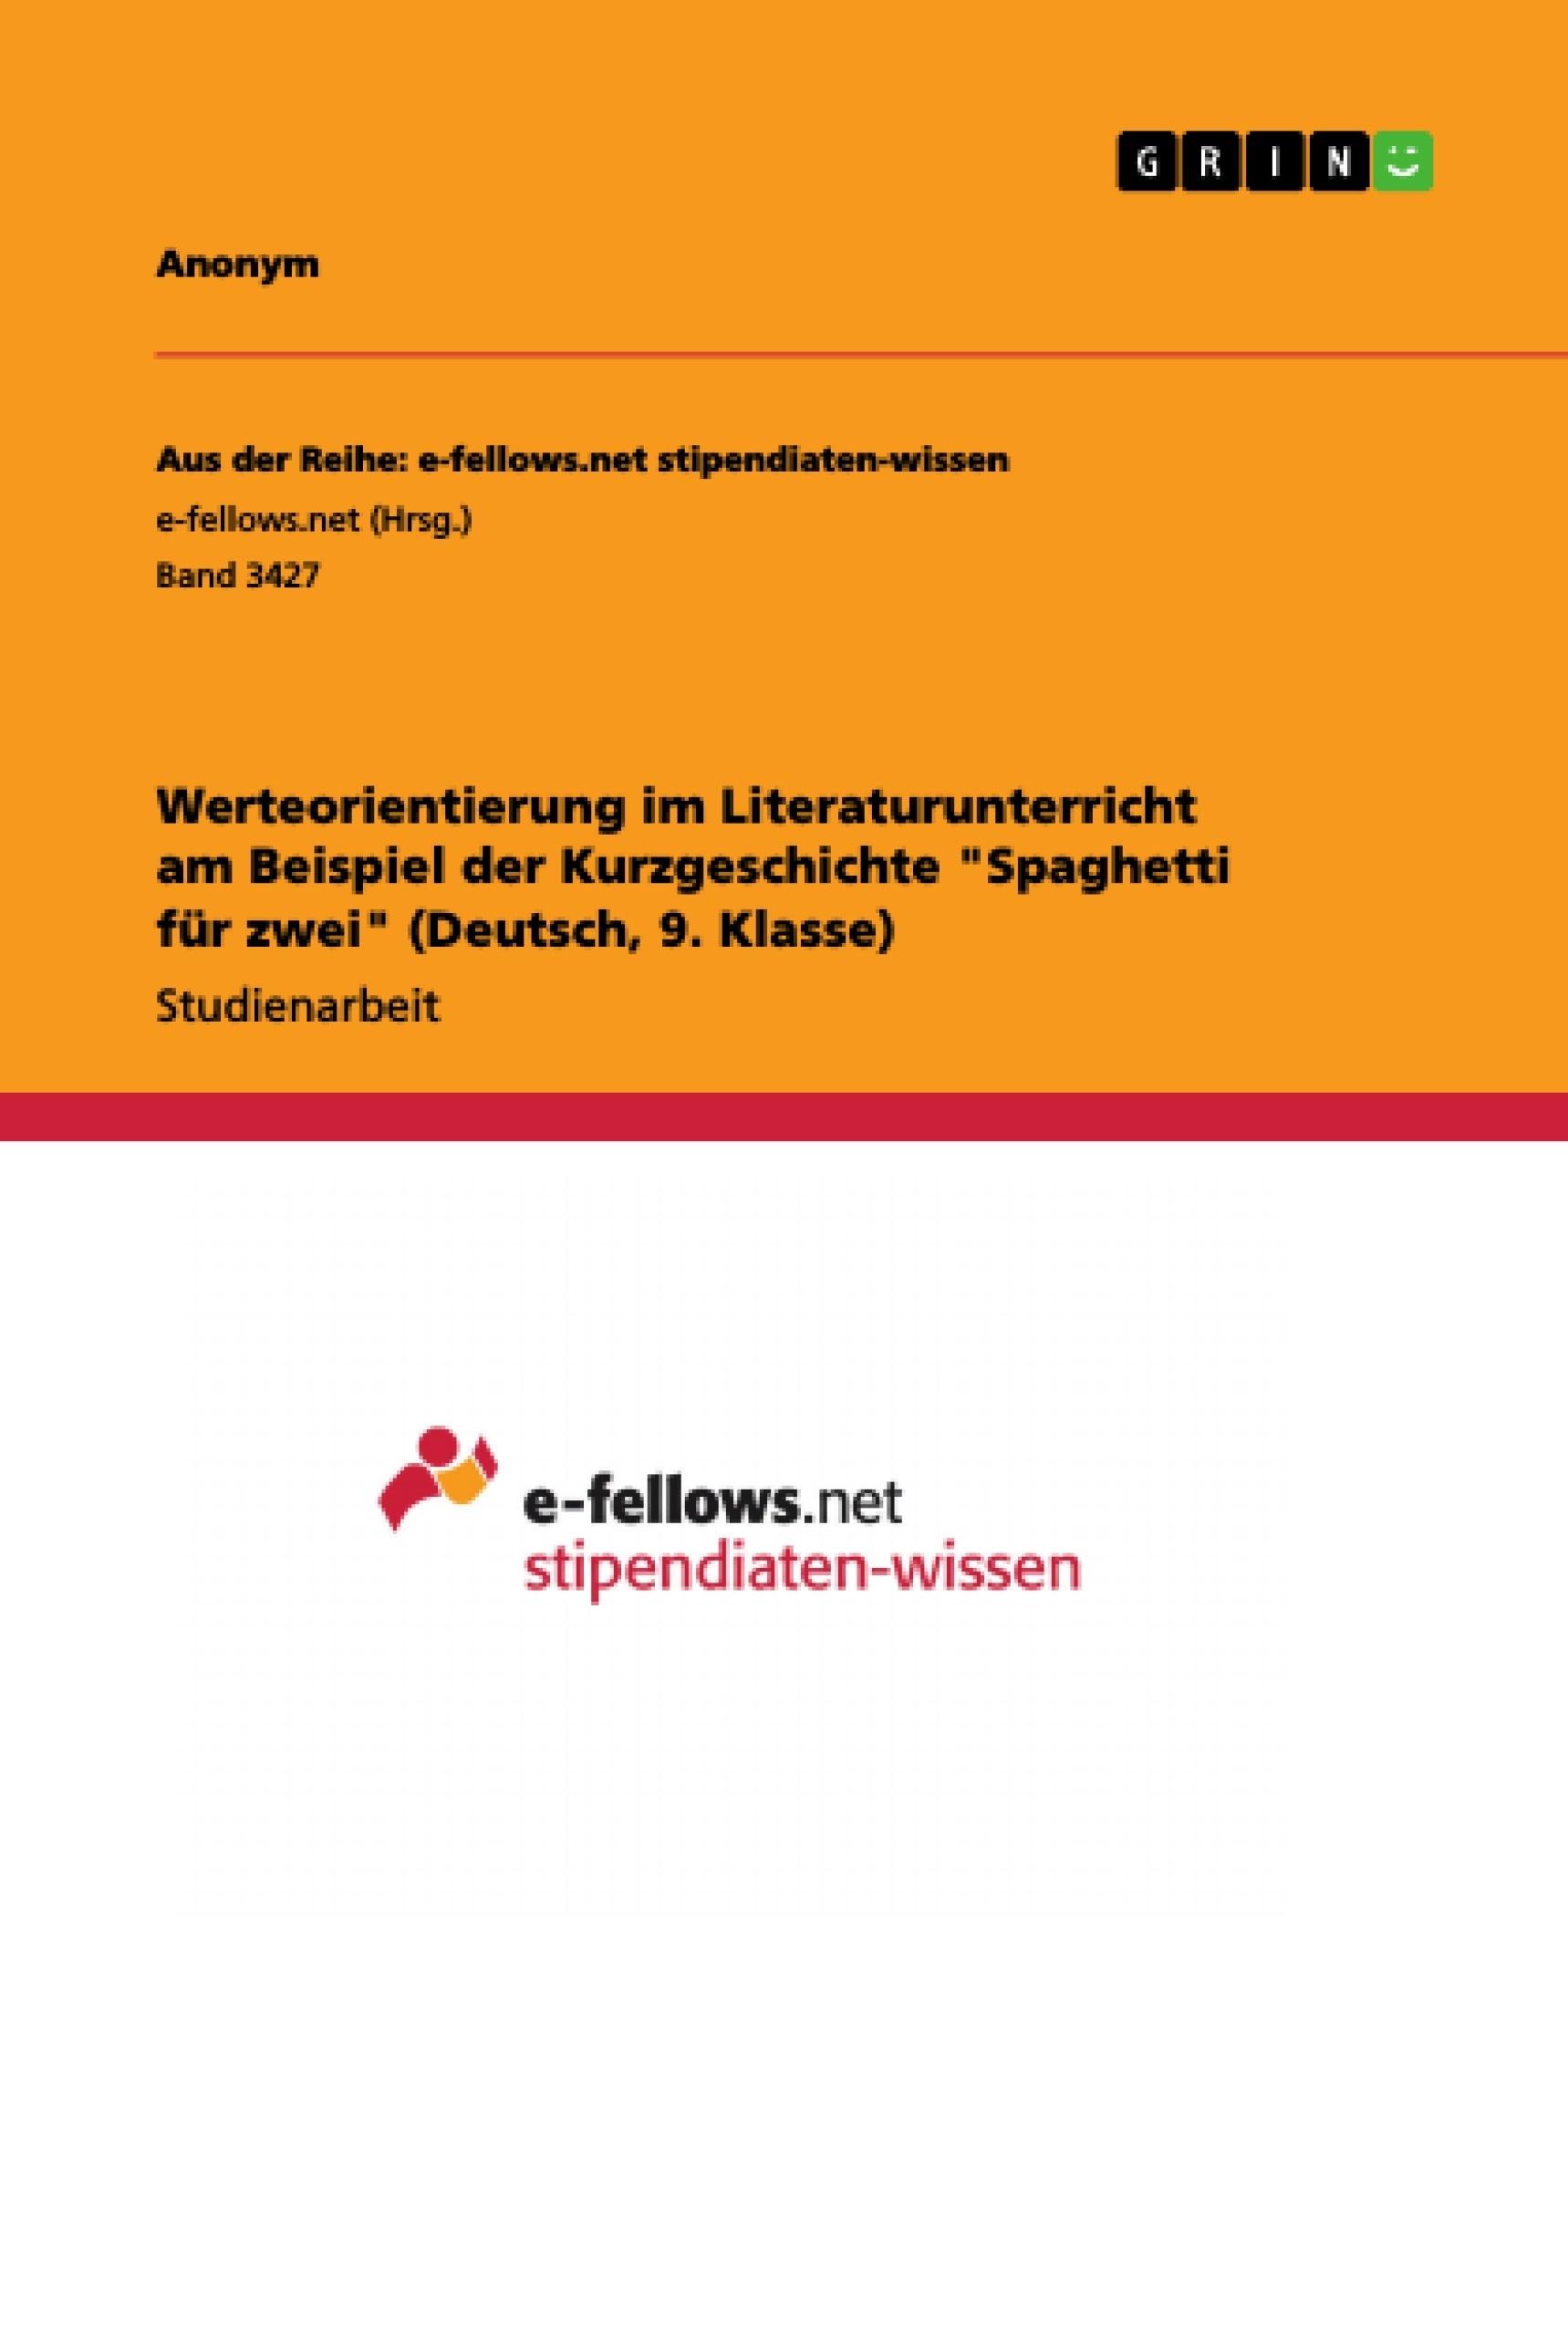 """Titel: Werteorientierung im Literaturunterricht am Beispiel der Kurzgeschichte """"Spaghetti für zwei"""" (Deutsch, 9. Klasse)"""